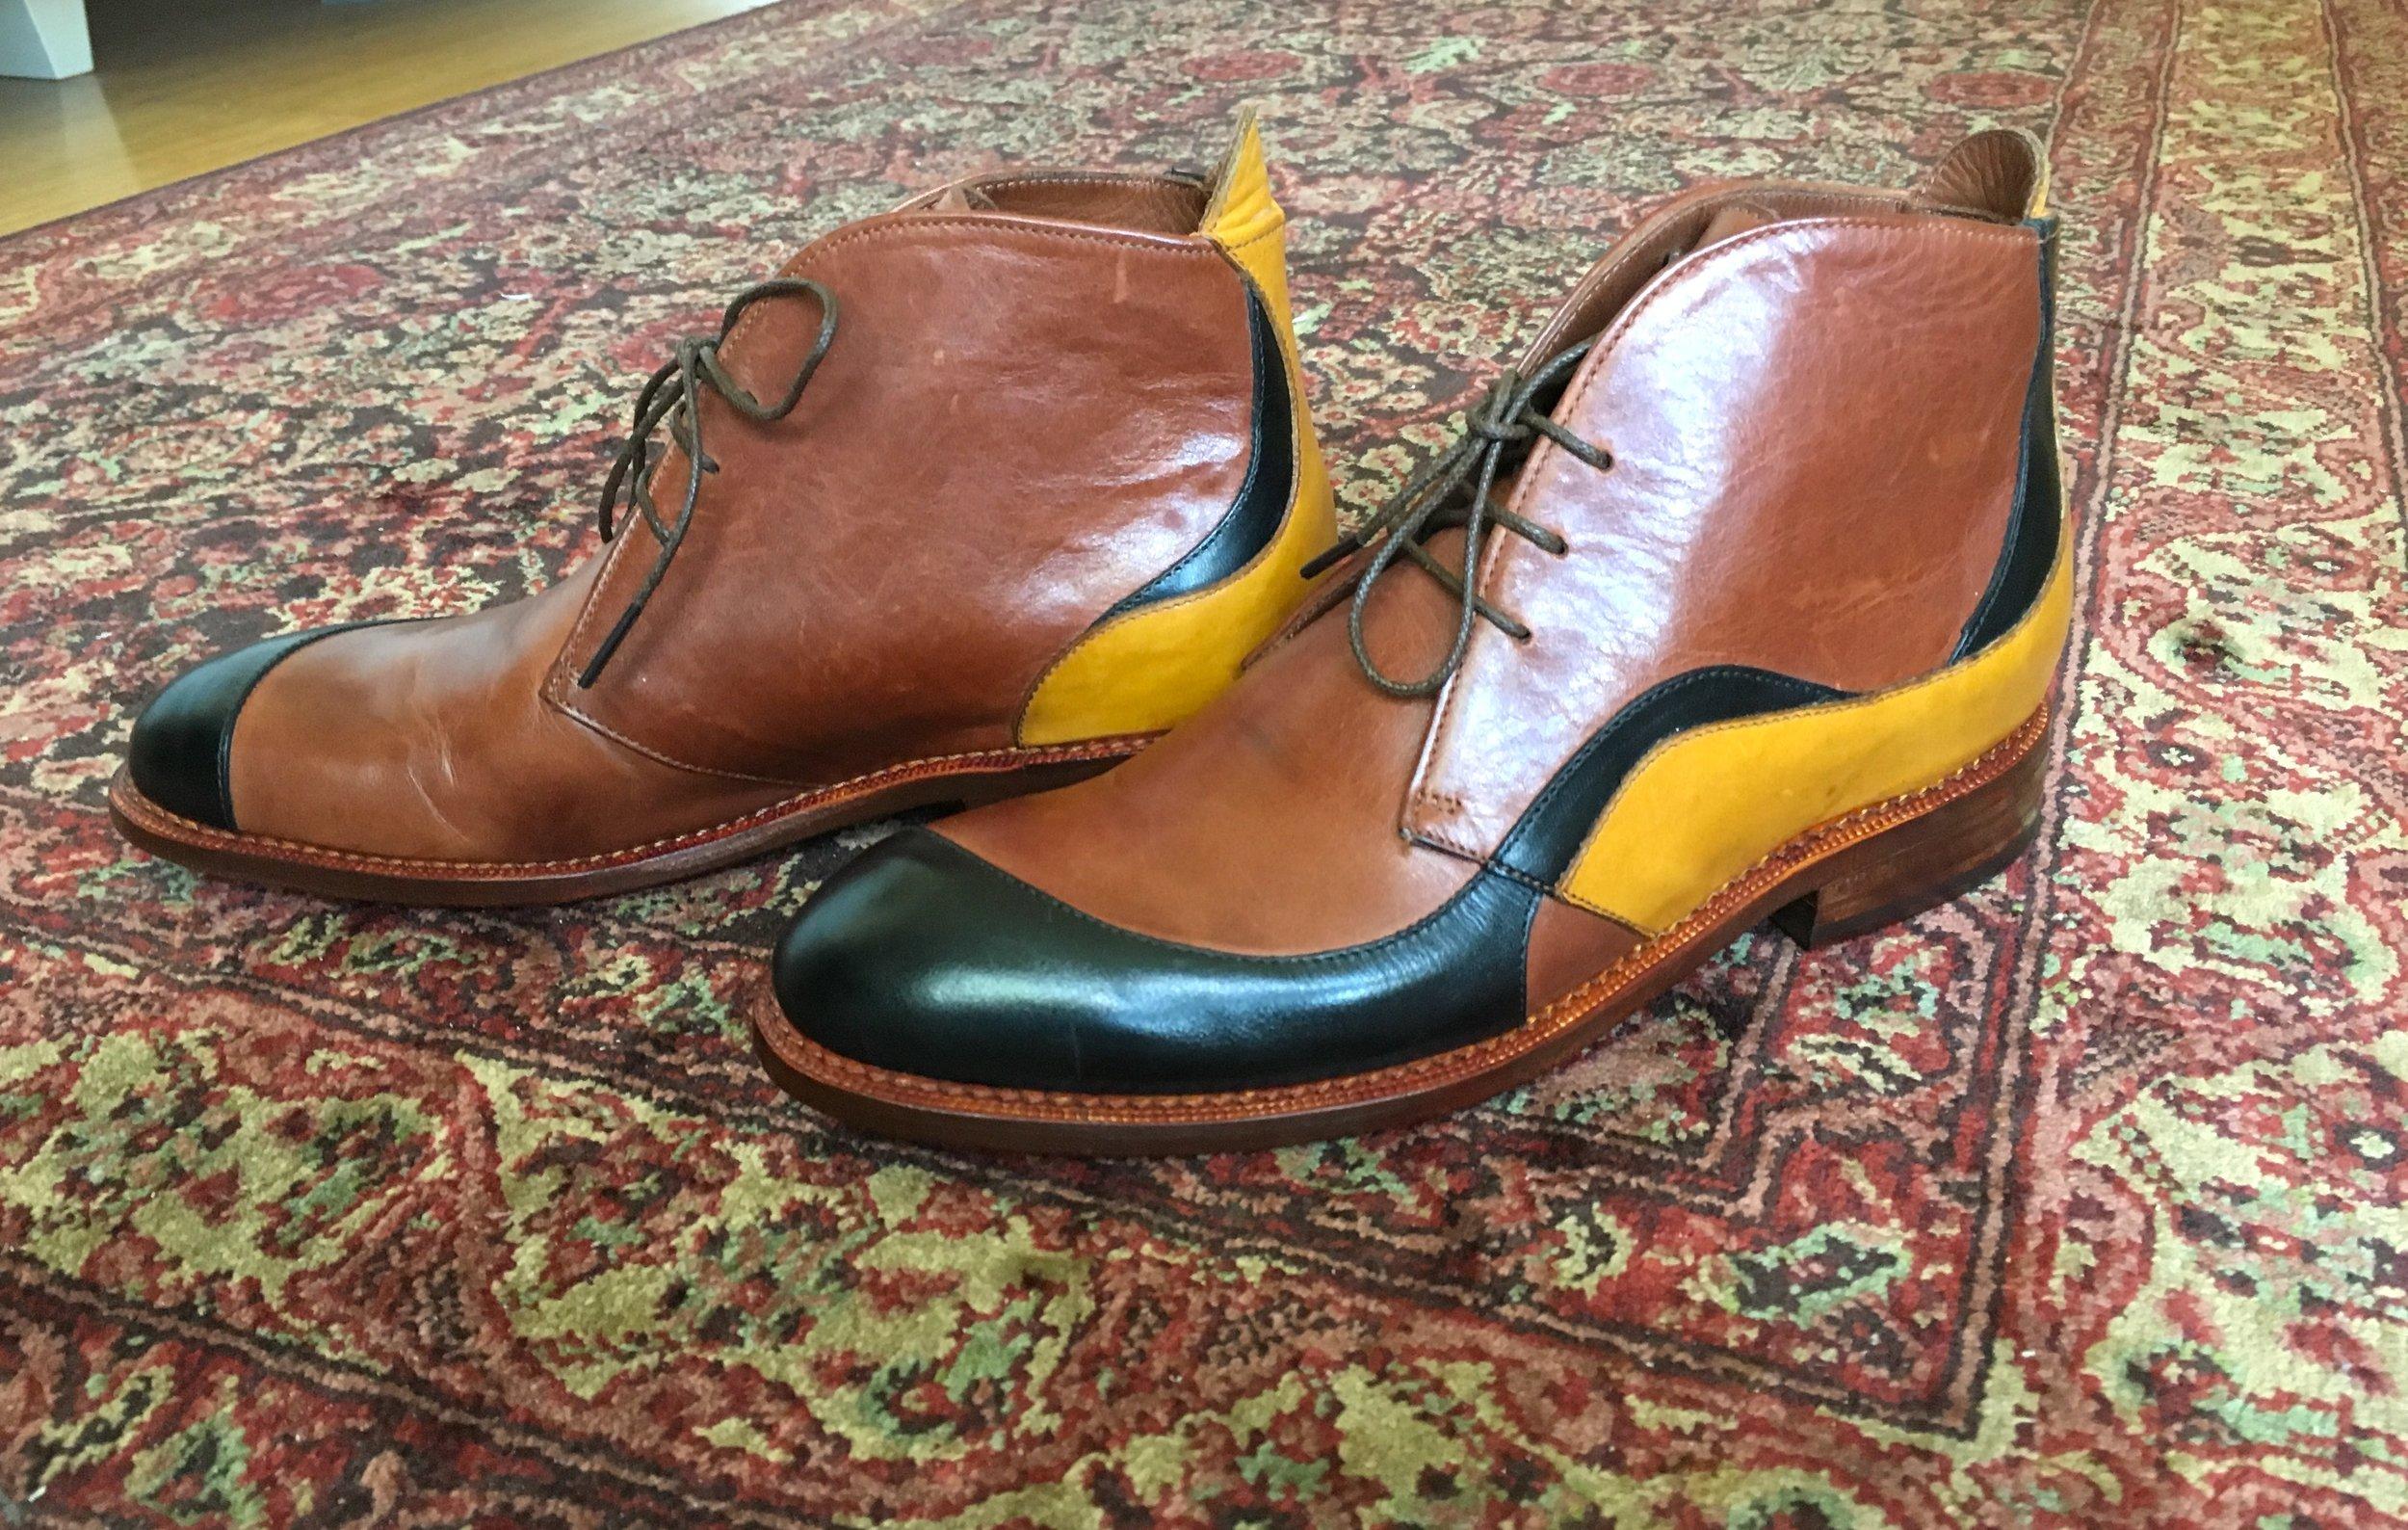 shoe 7.jpeg